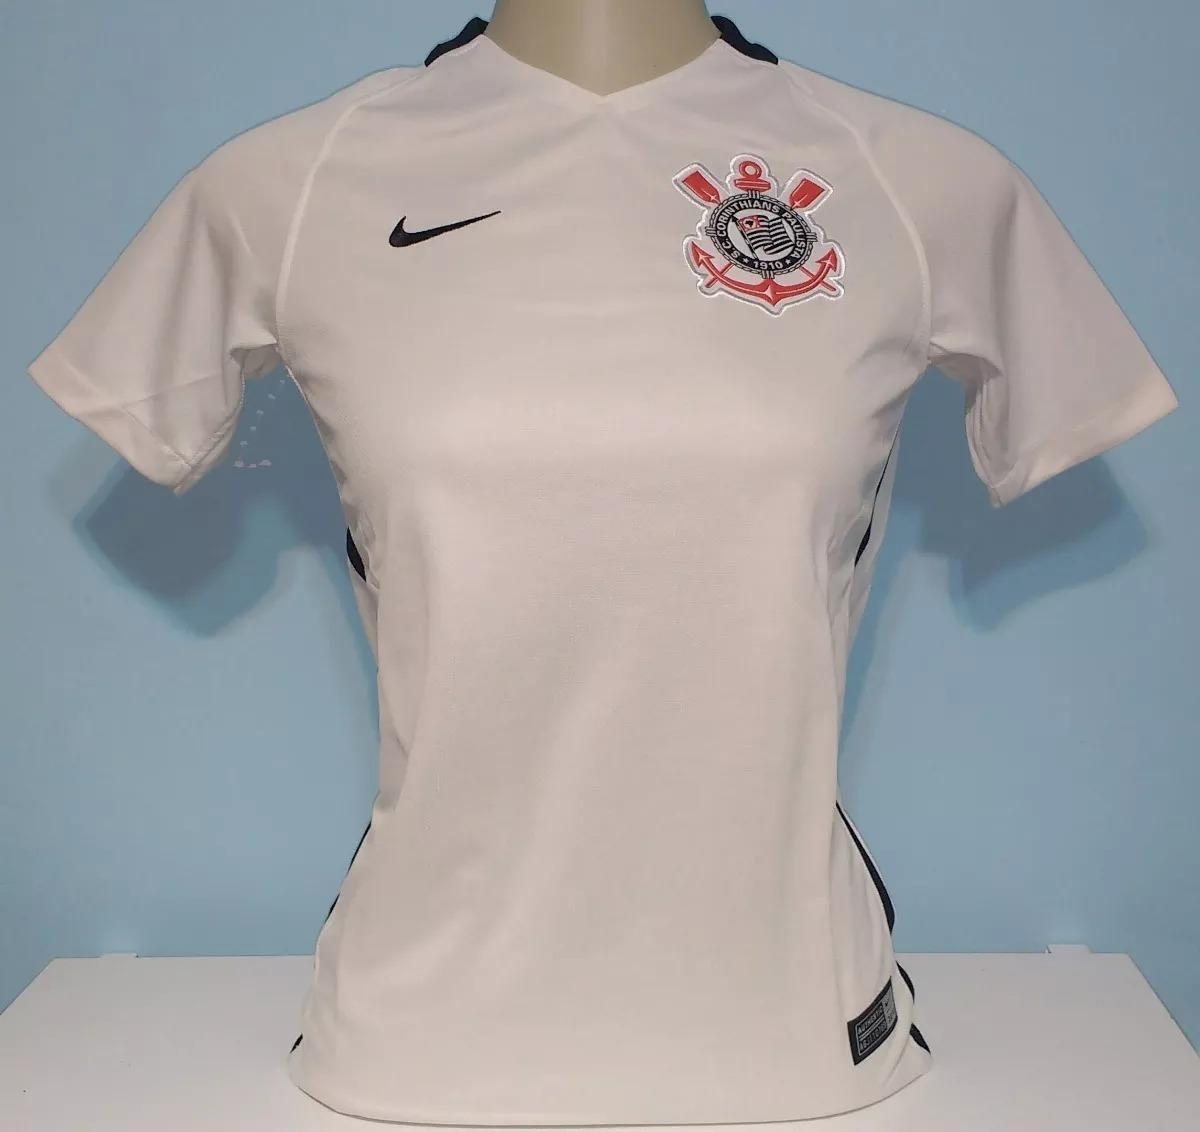 camiseta do corinthians original 100% nike feminina - 78. Carregando zoom. e6b4e45a492e7